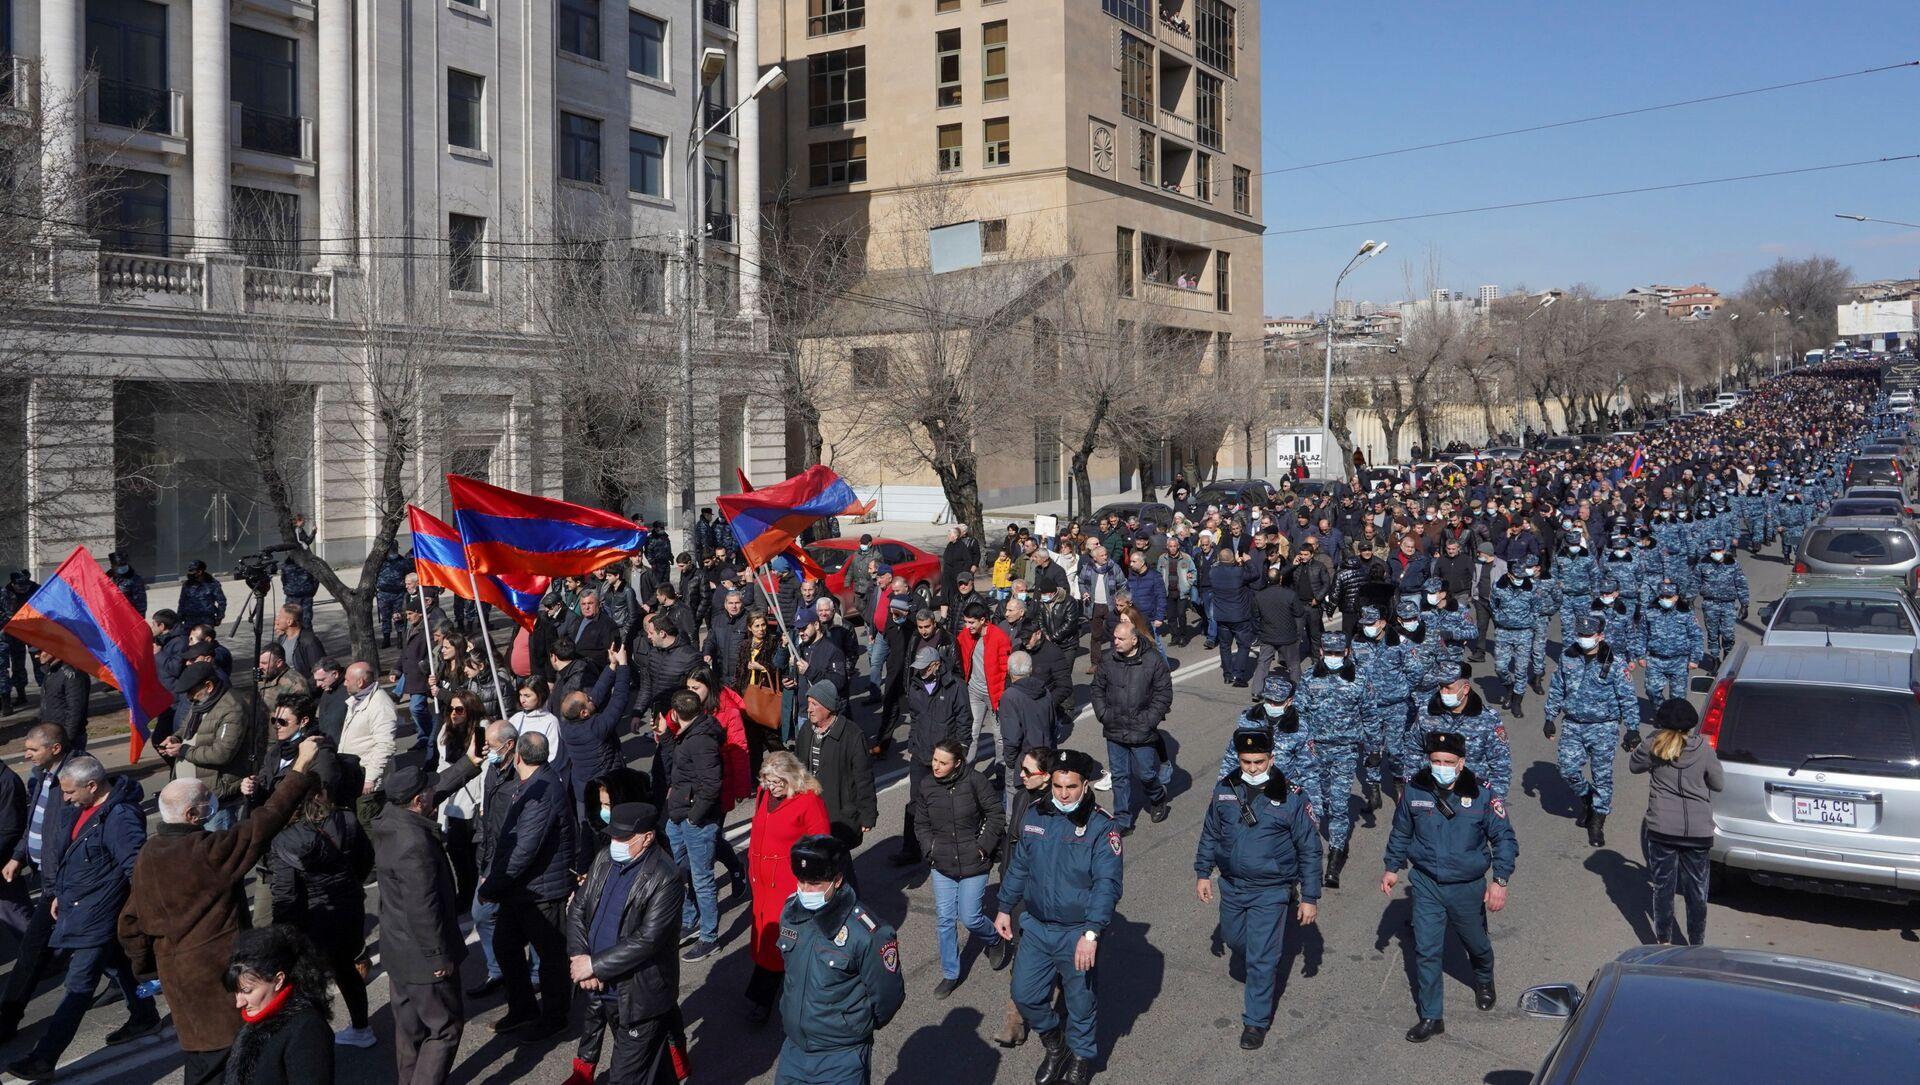 Manifestation de l'opposition pour demander la démission de Nikol Pachinian à Erevan, le 26 février 2021 - Sputnik France, 1920, 13.03.2021